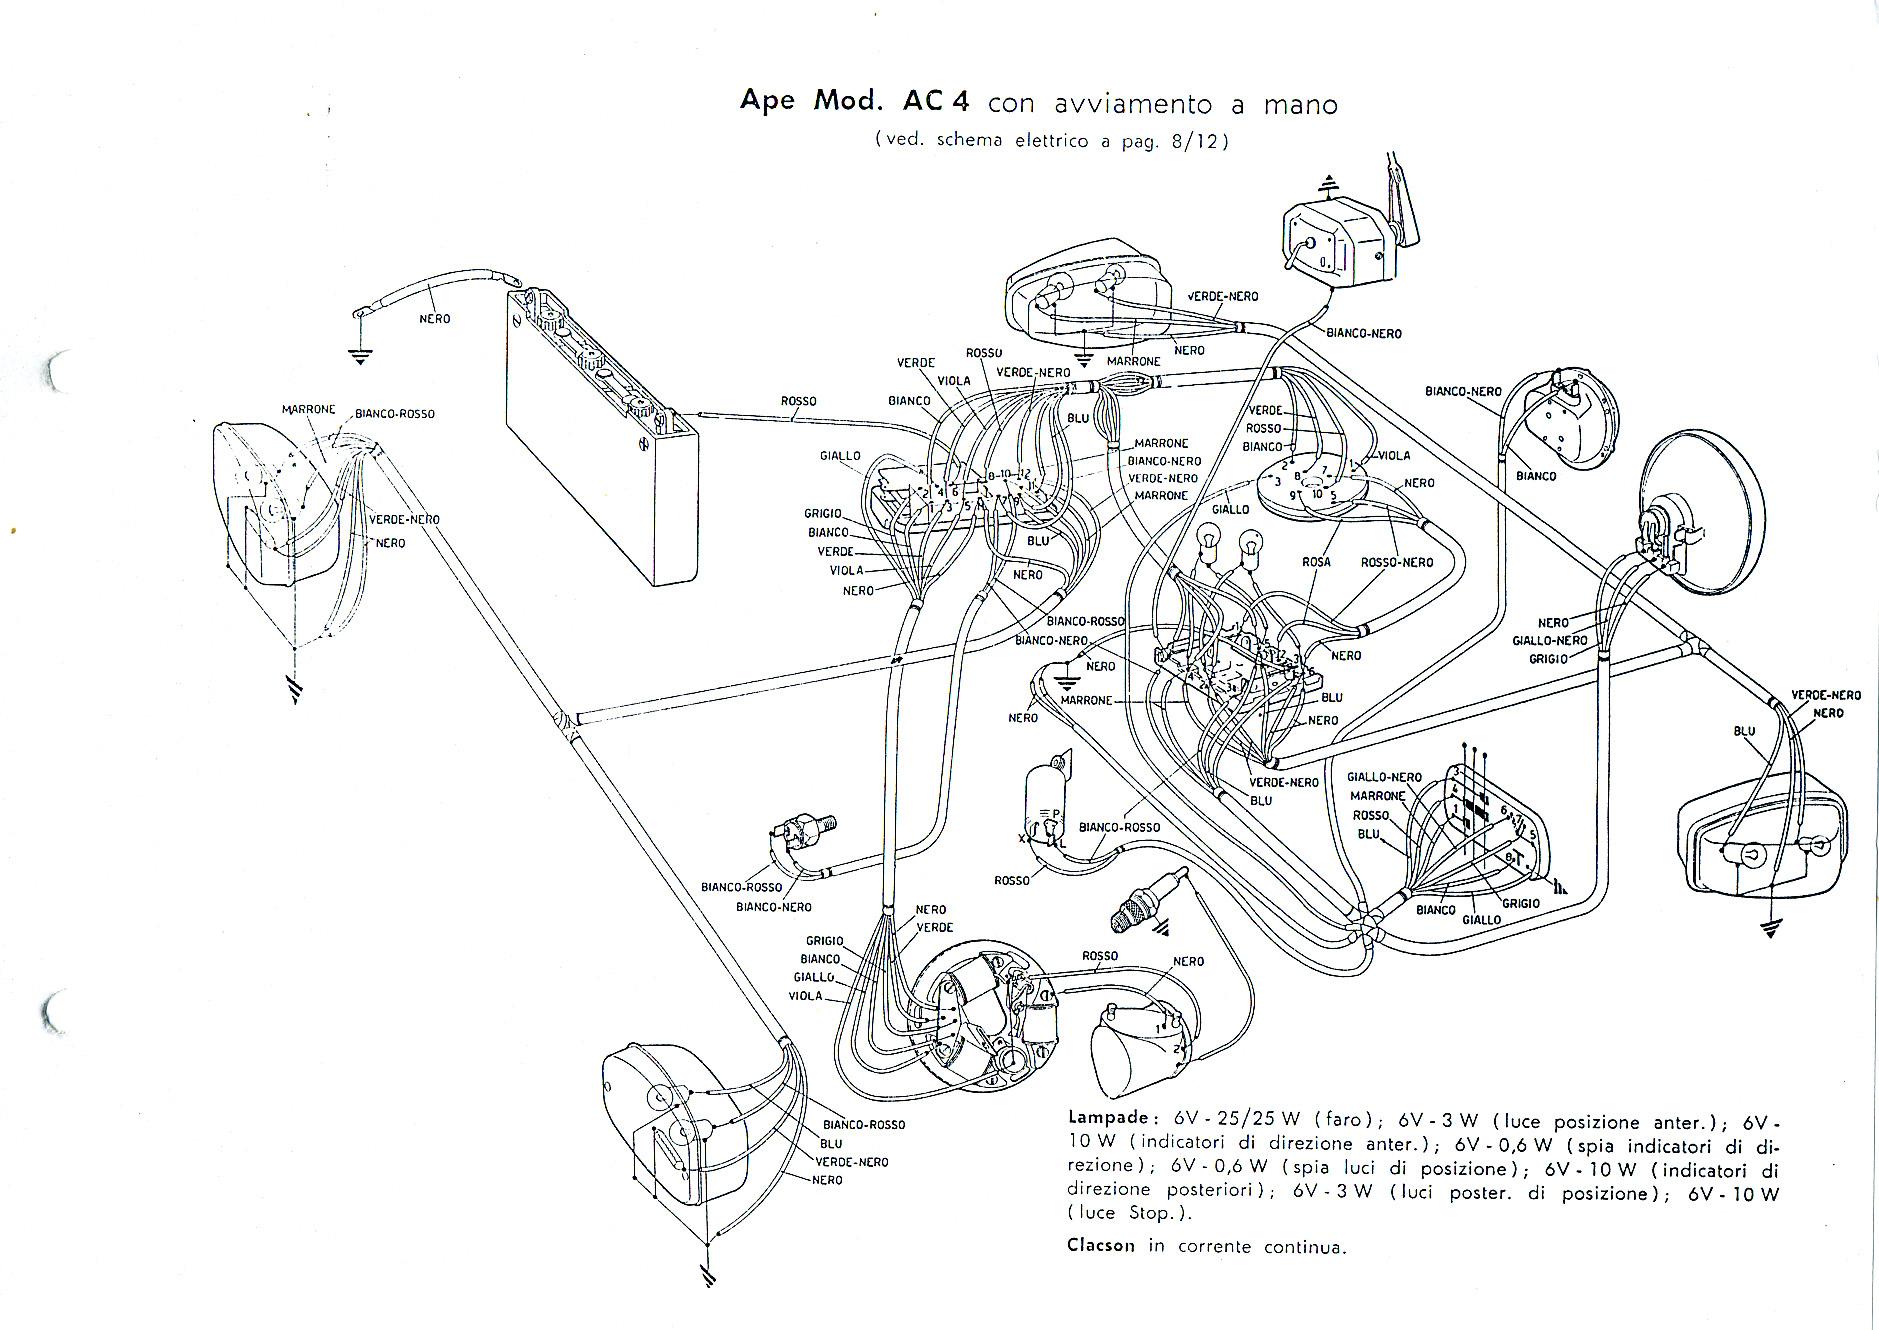 Schema Elettrico Ape 50 : Tecnica ape piaggio ac